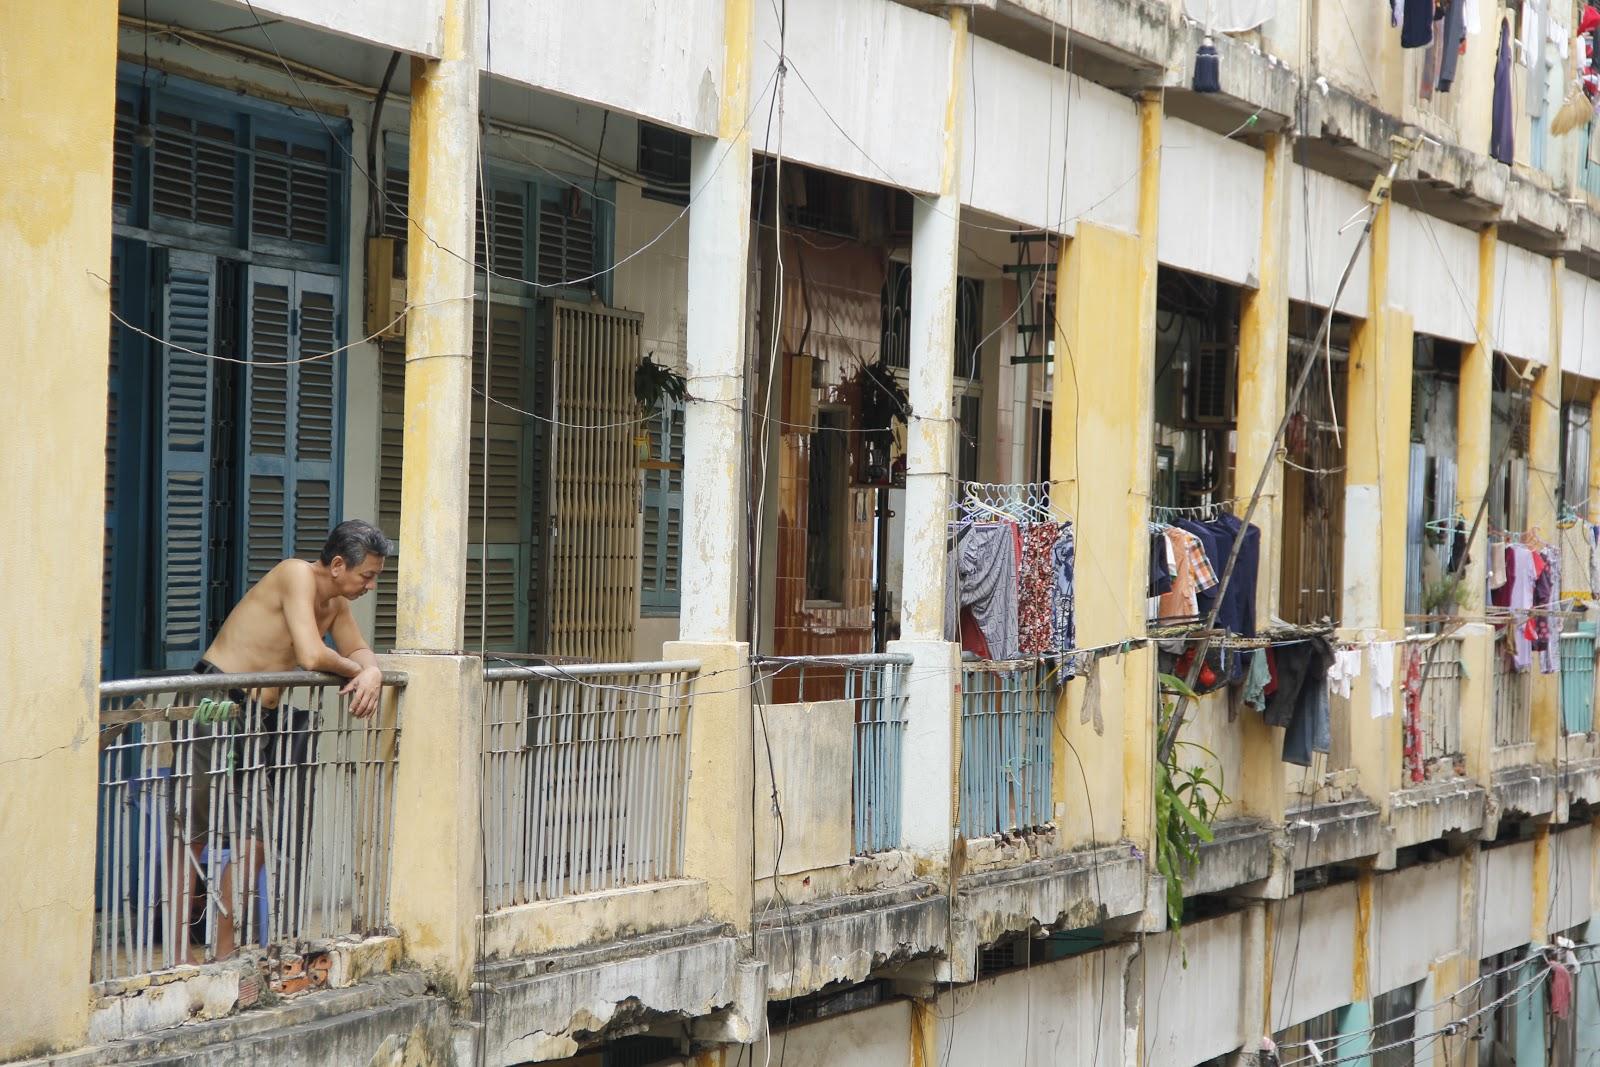 Cơ chế nào để cải tạo chung cư cũ ở TP HCM?